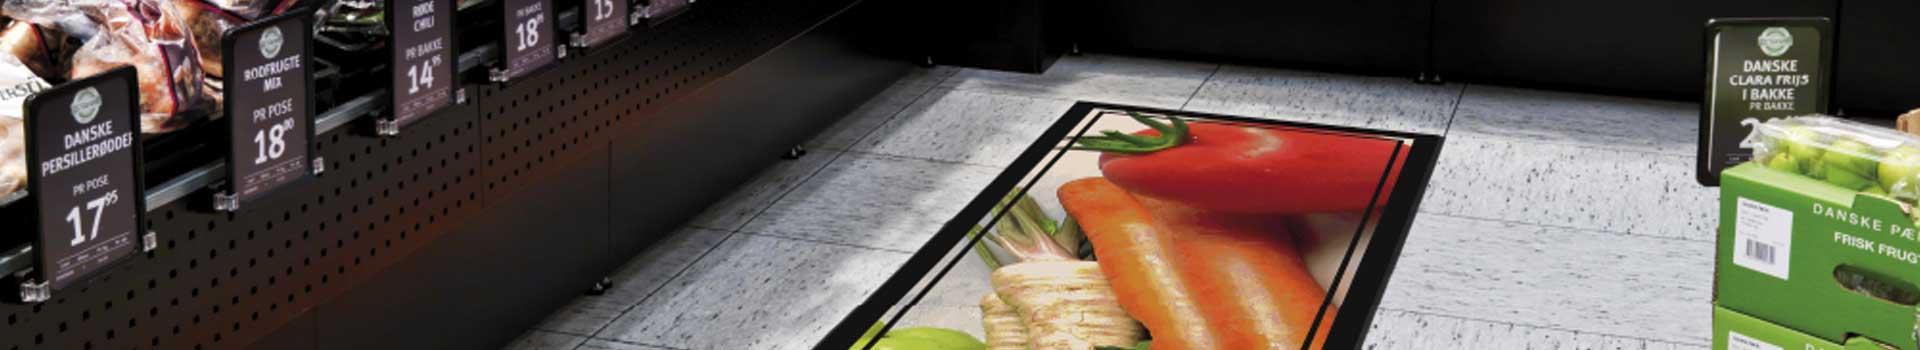 Ejemplo de alfombras promocionales